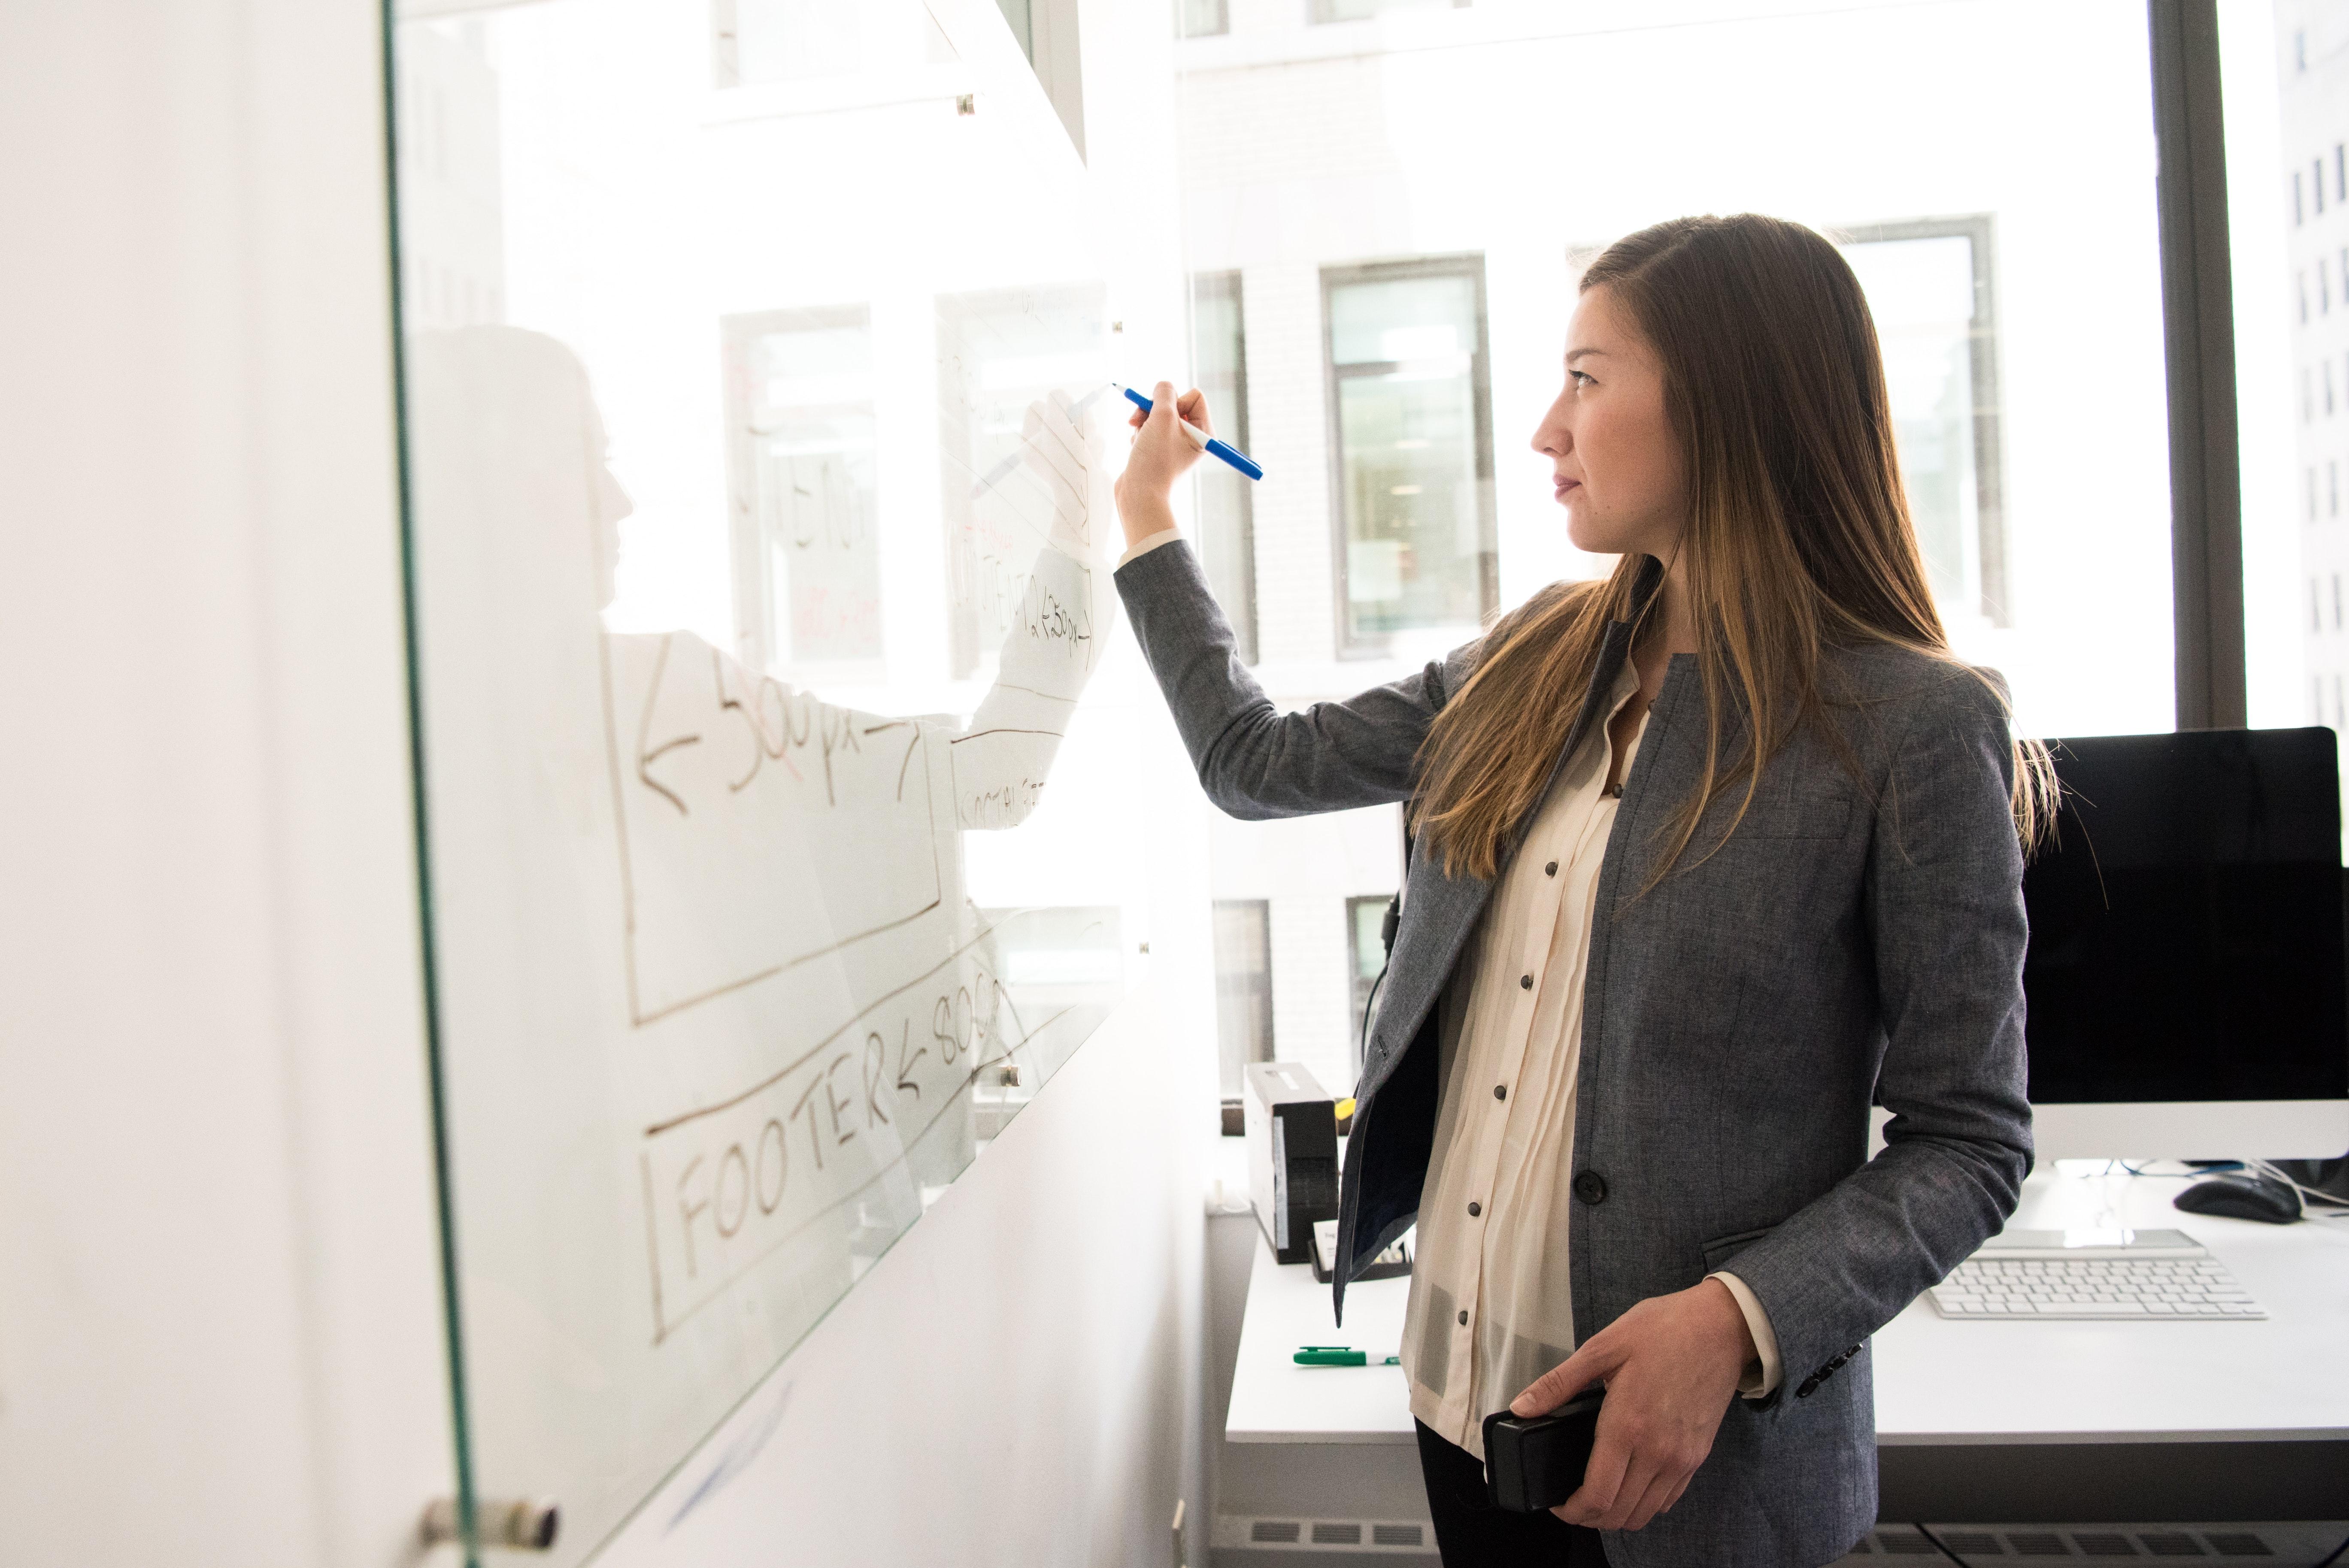 Регулярное повышение квалификации позволит вам претендовать на более высокую оплату труда, а углубление знаний позволит подготовить высококлассных специалистов, соответствующих требованием времени